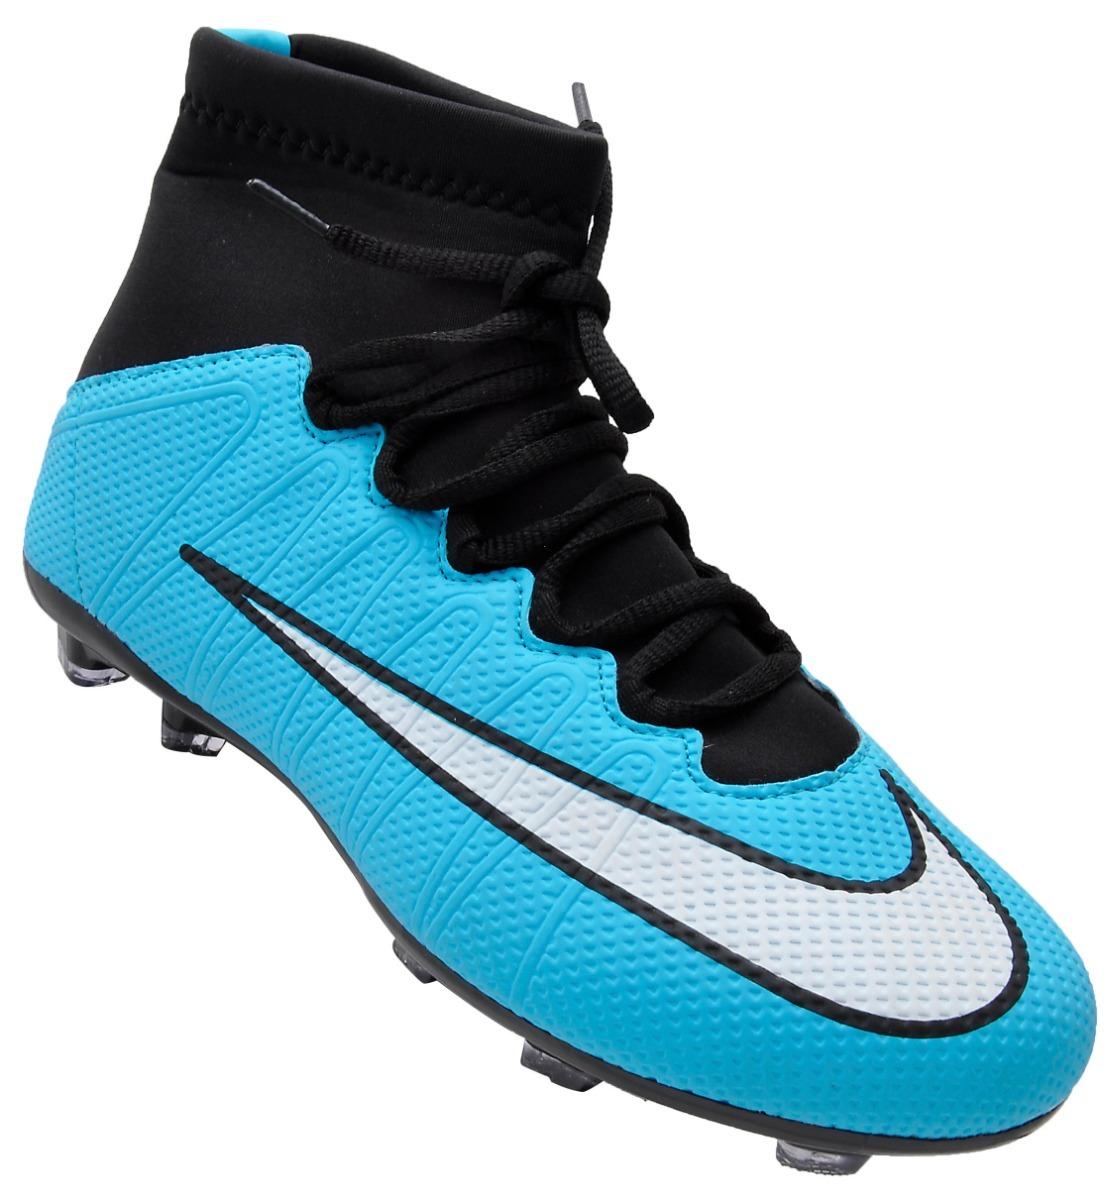 Chuteira Campo Nike Botinha Infantil Mercurial Frete Grátis - R  202 ... 0008452f82930